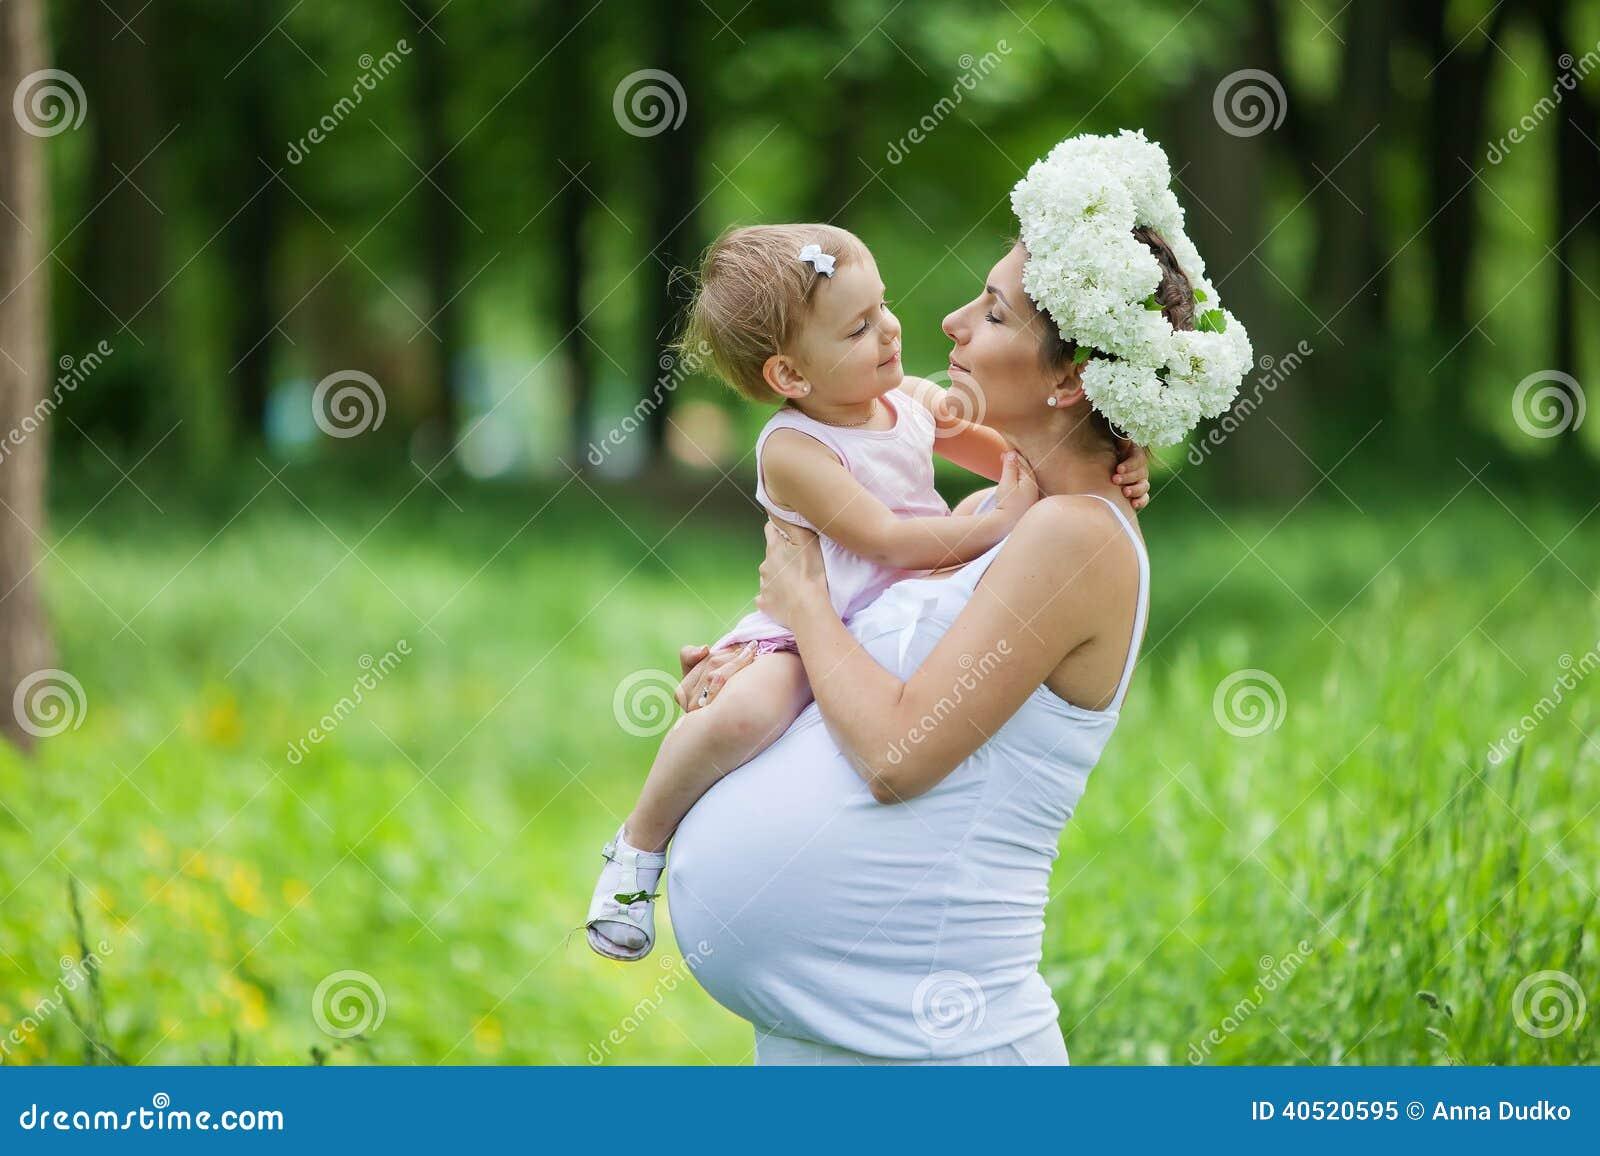 κόρη αυτή μητέρα έγκυος